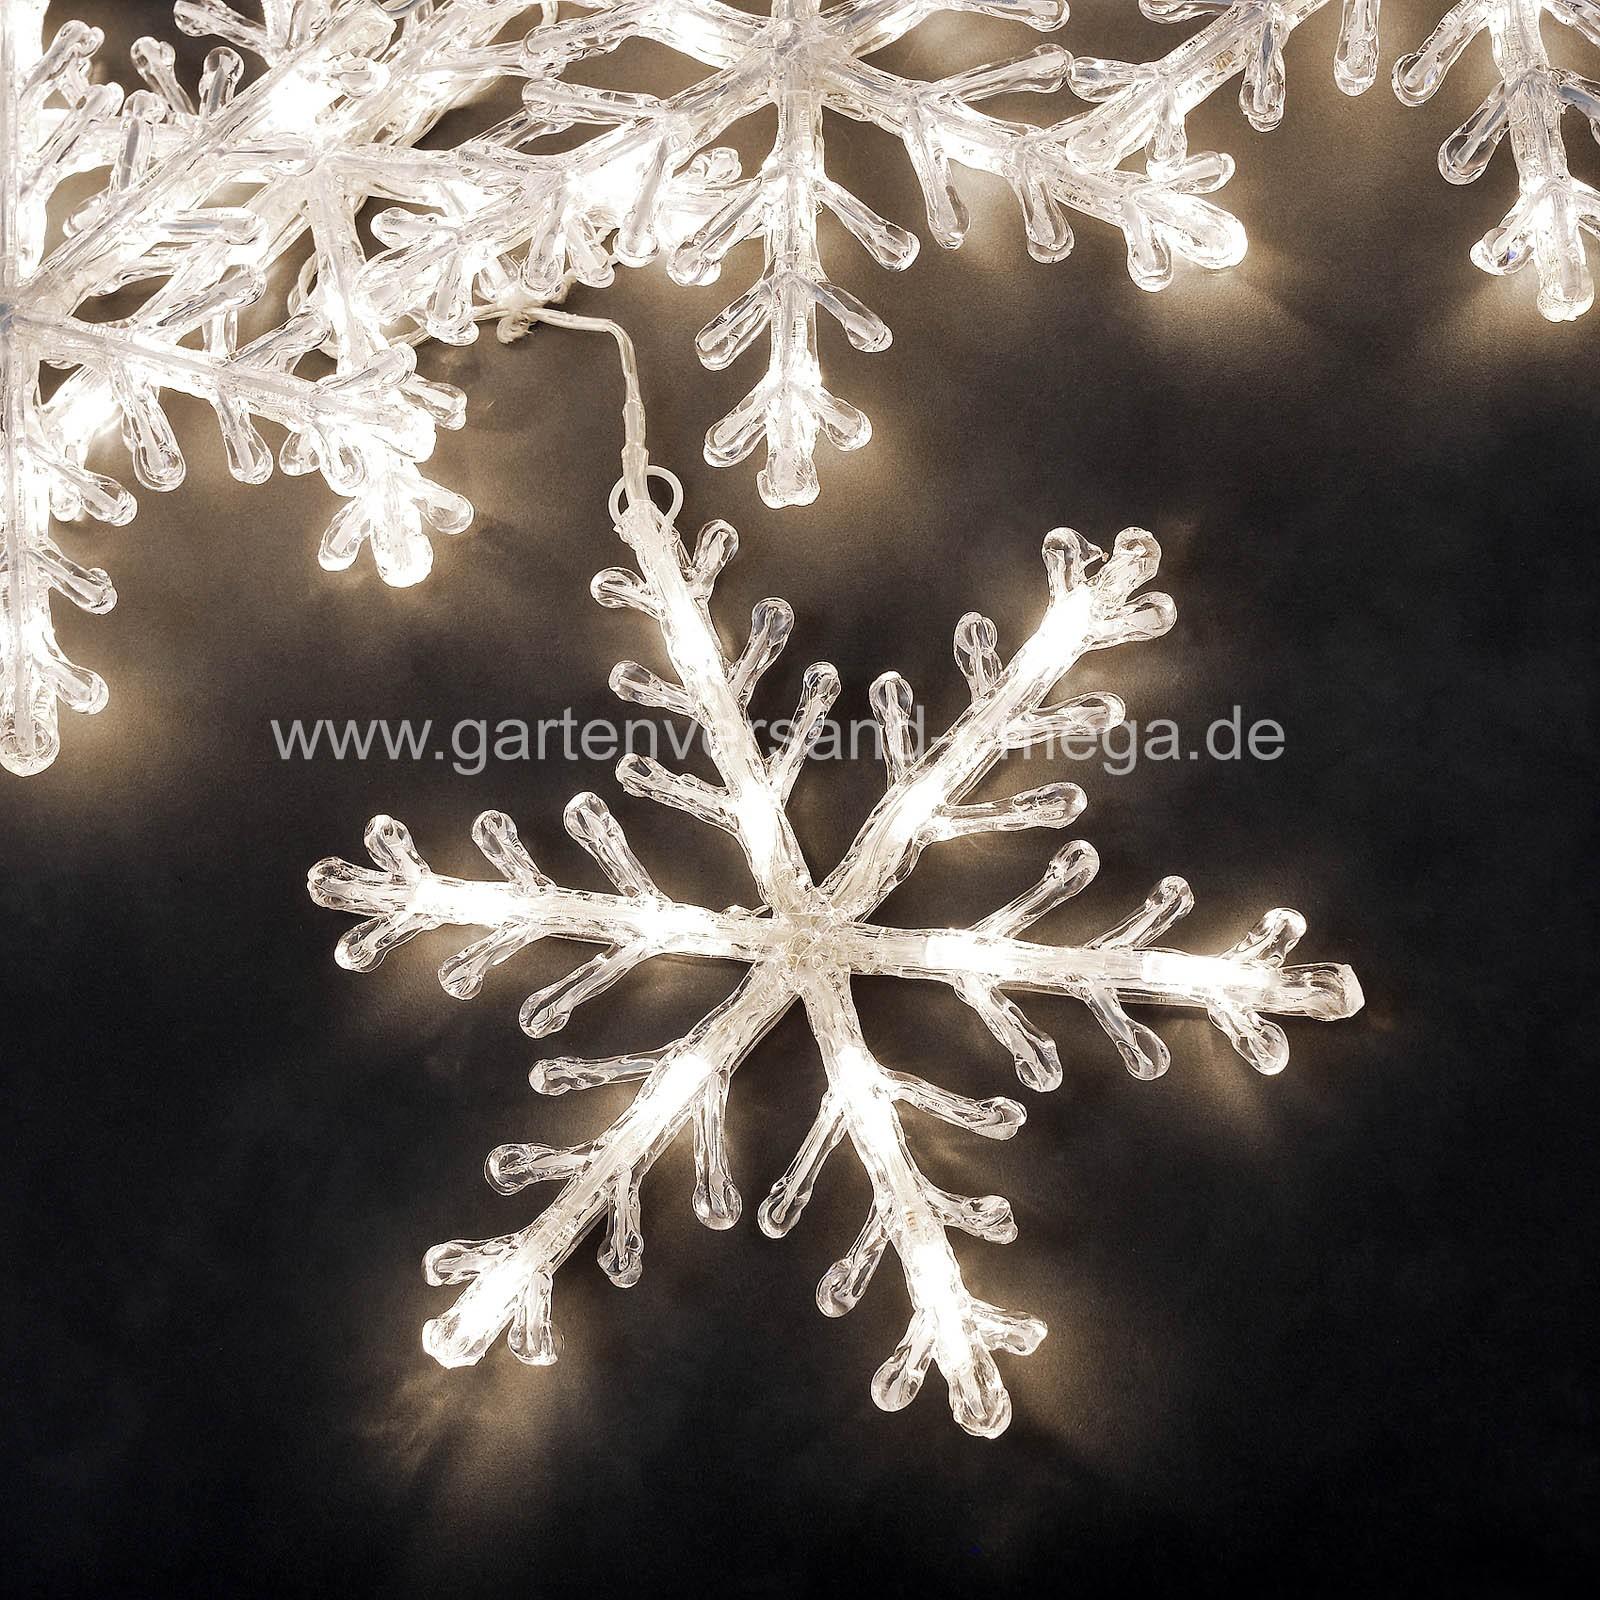 2604442-led-schneeflocken-lichterkettehd-large Fabelhafte Künstlicher Weihnachtsbaum Mit Led Dekorationen